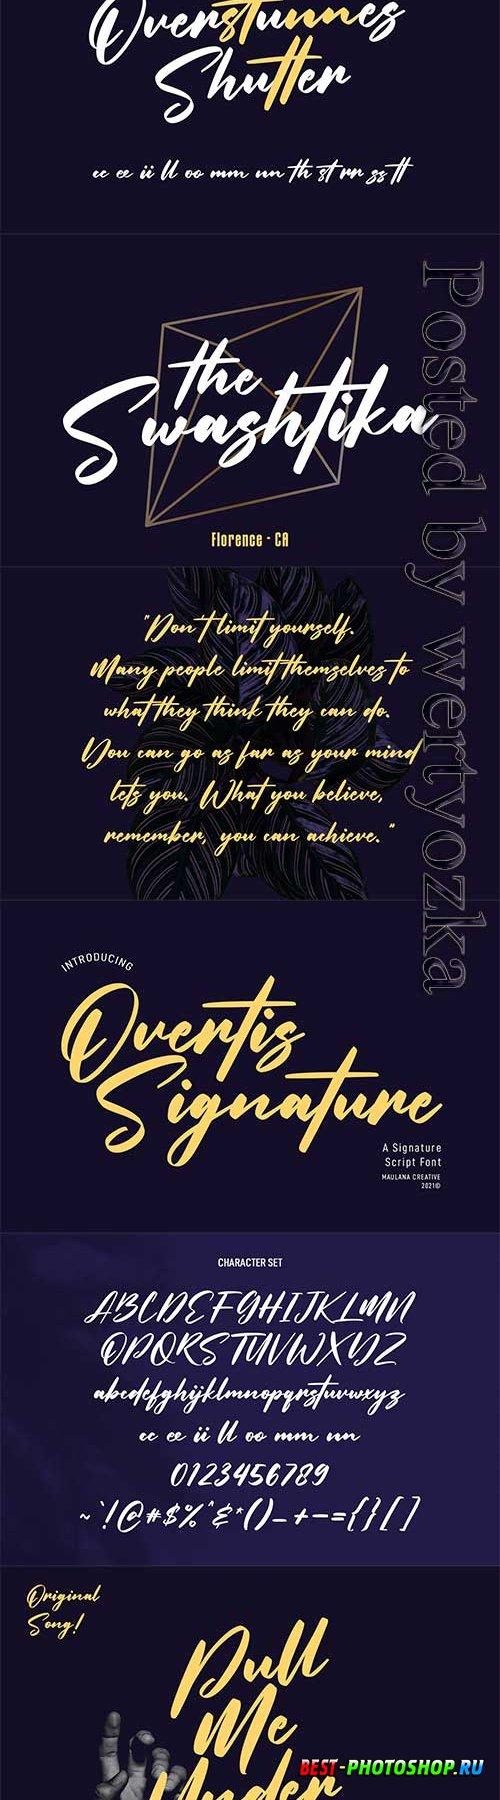 Overtis Signature Script Font 6361148